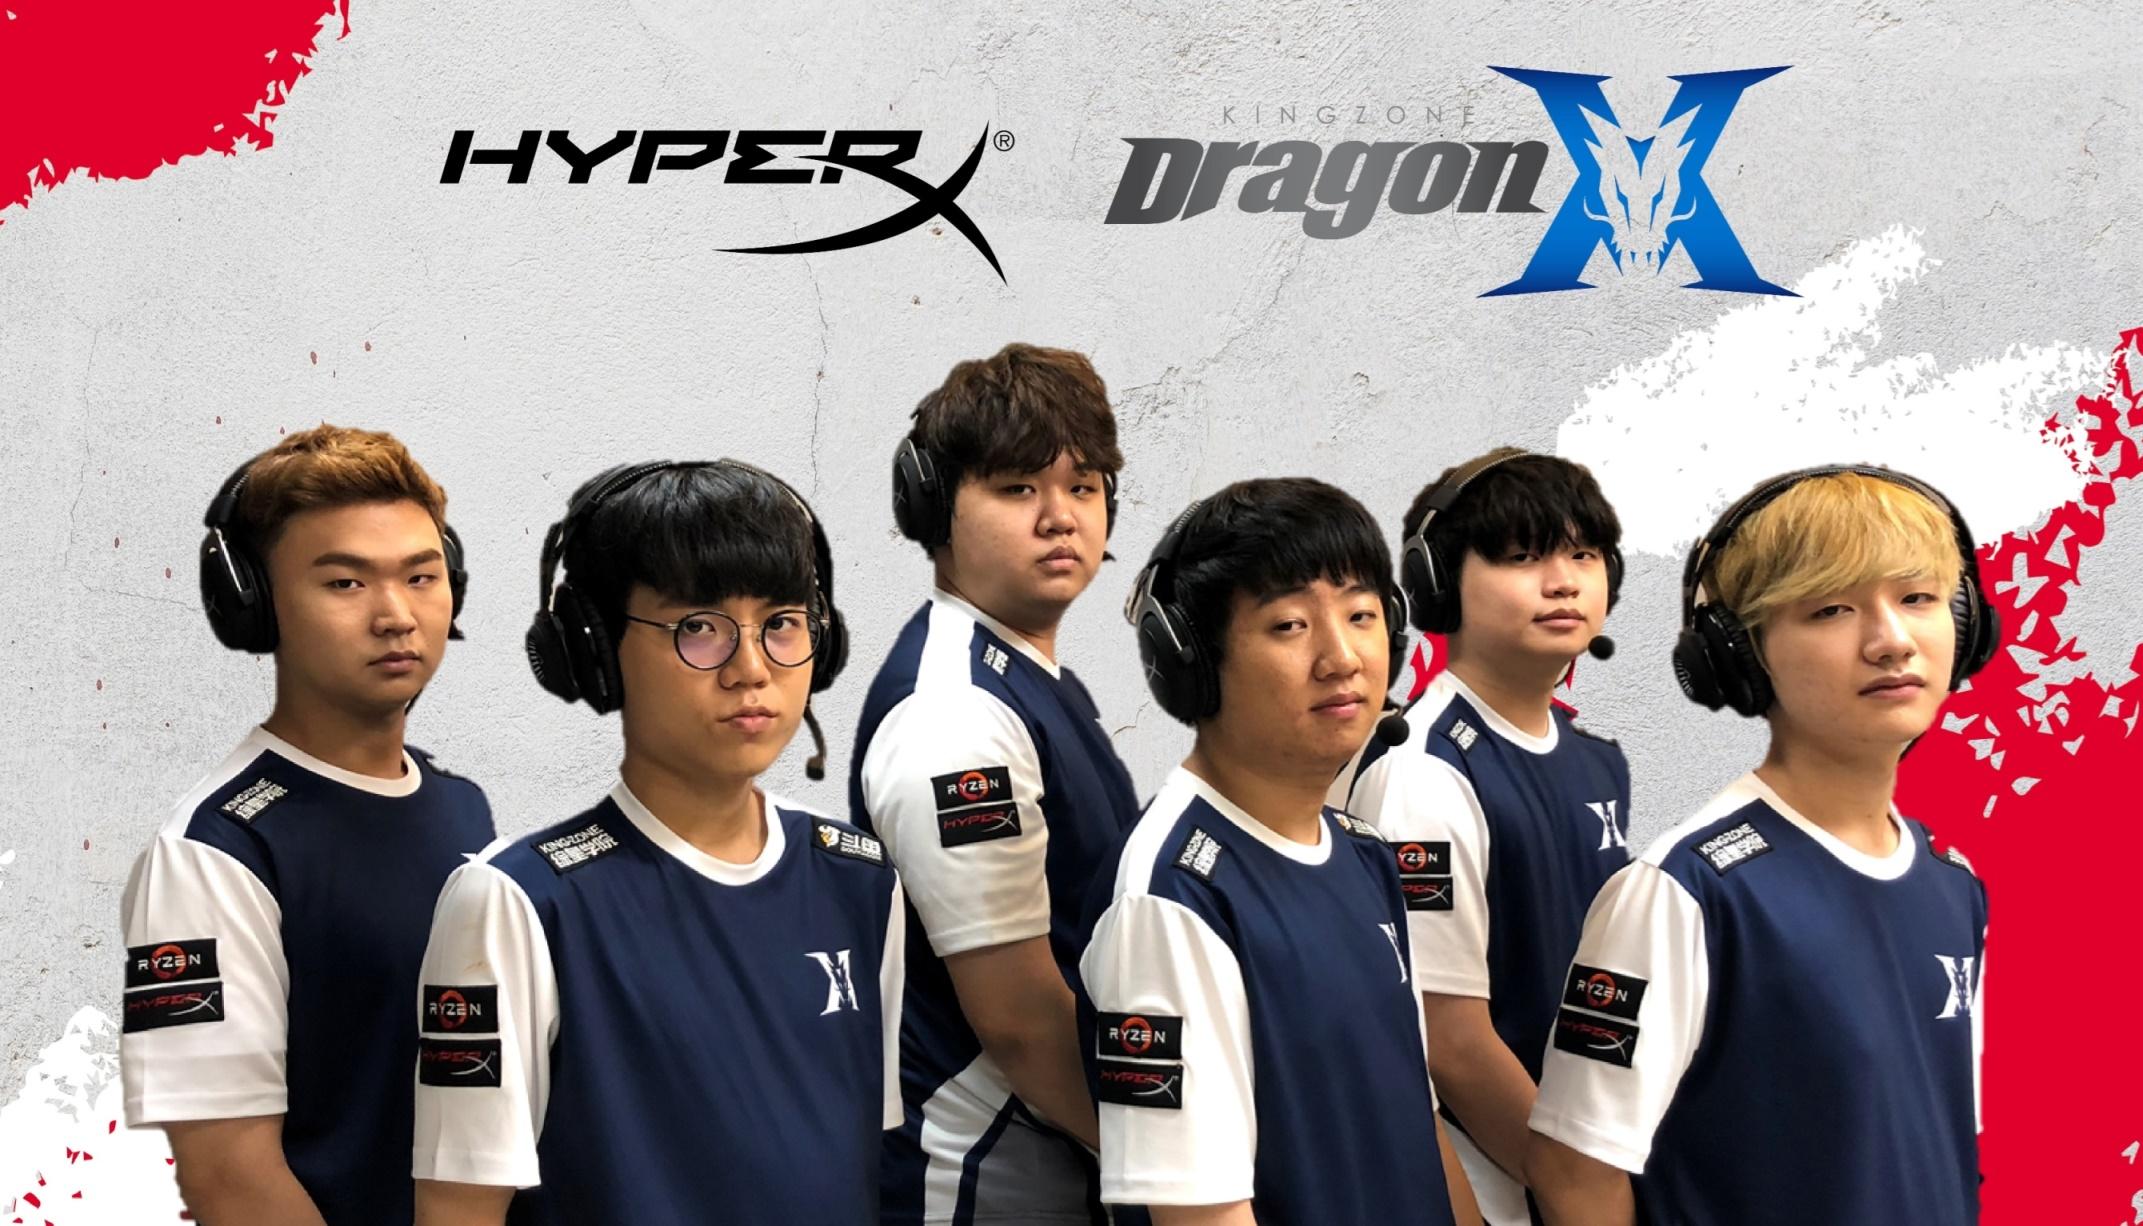 [新聞]HyperX 與《英雄聯盟》冠軍戰隊 KING-ZONE DragonX 正式結盟 @3C 達人廖阿輝